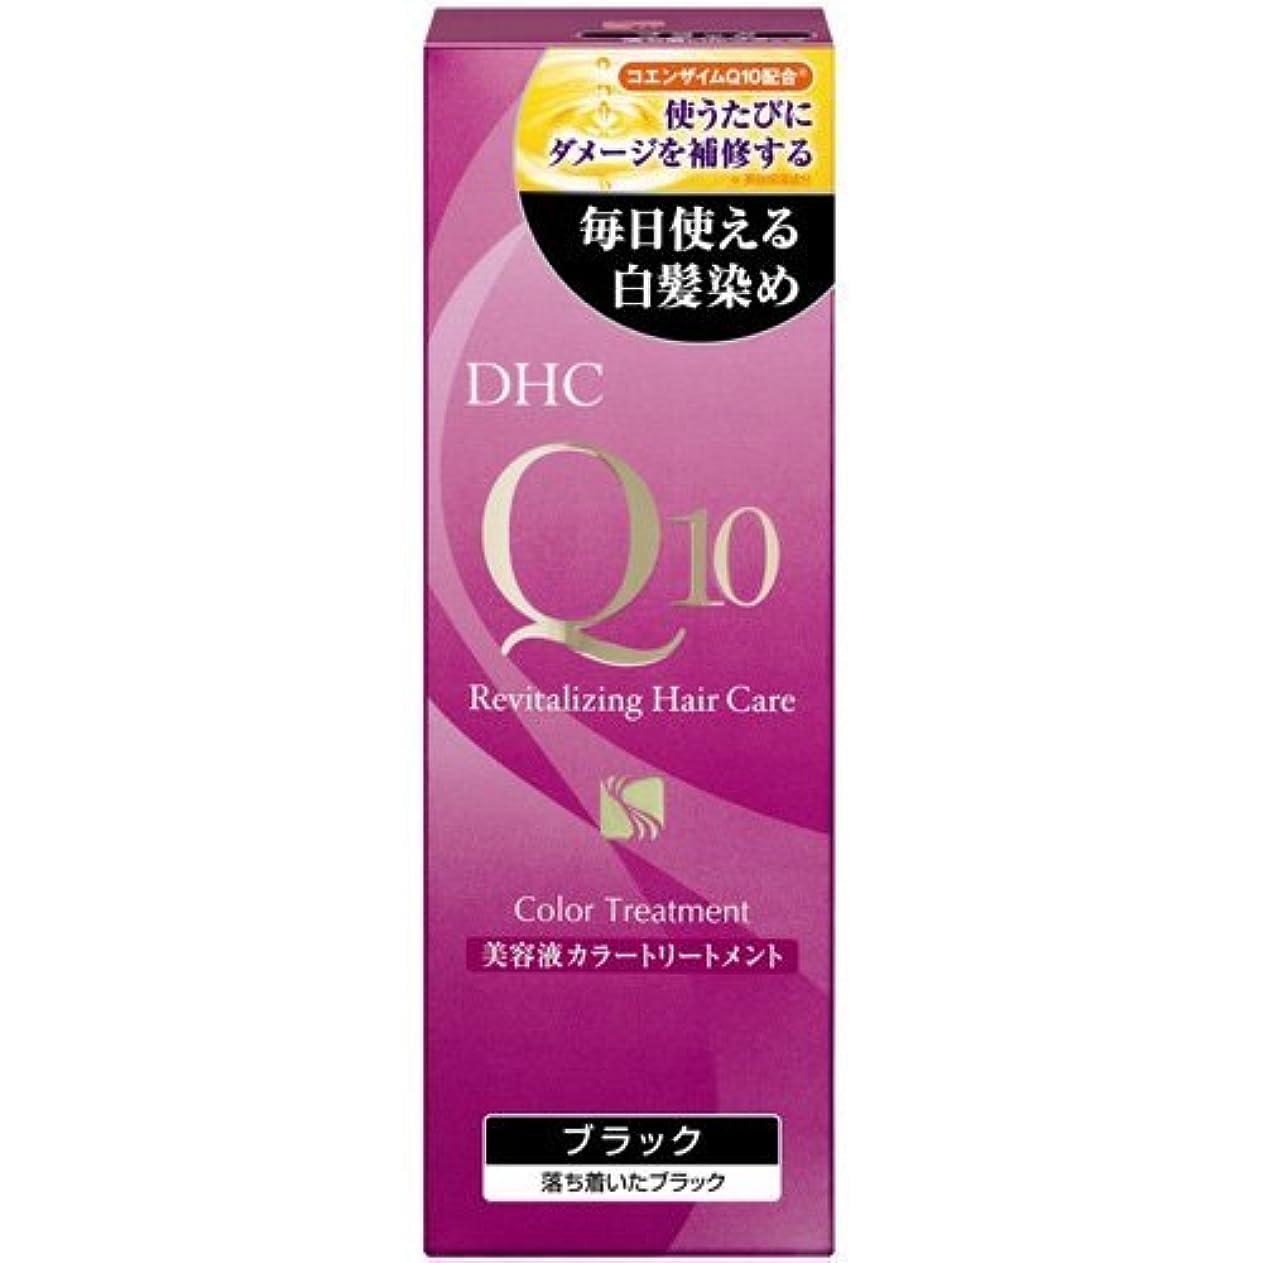 変色する大胆な開業医【まとめ買い】DHC Q10美溶液カラートリートメントブラックSS170g ×7個